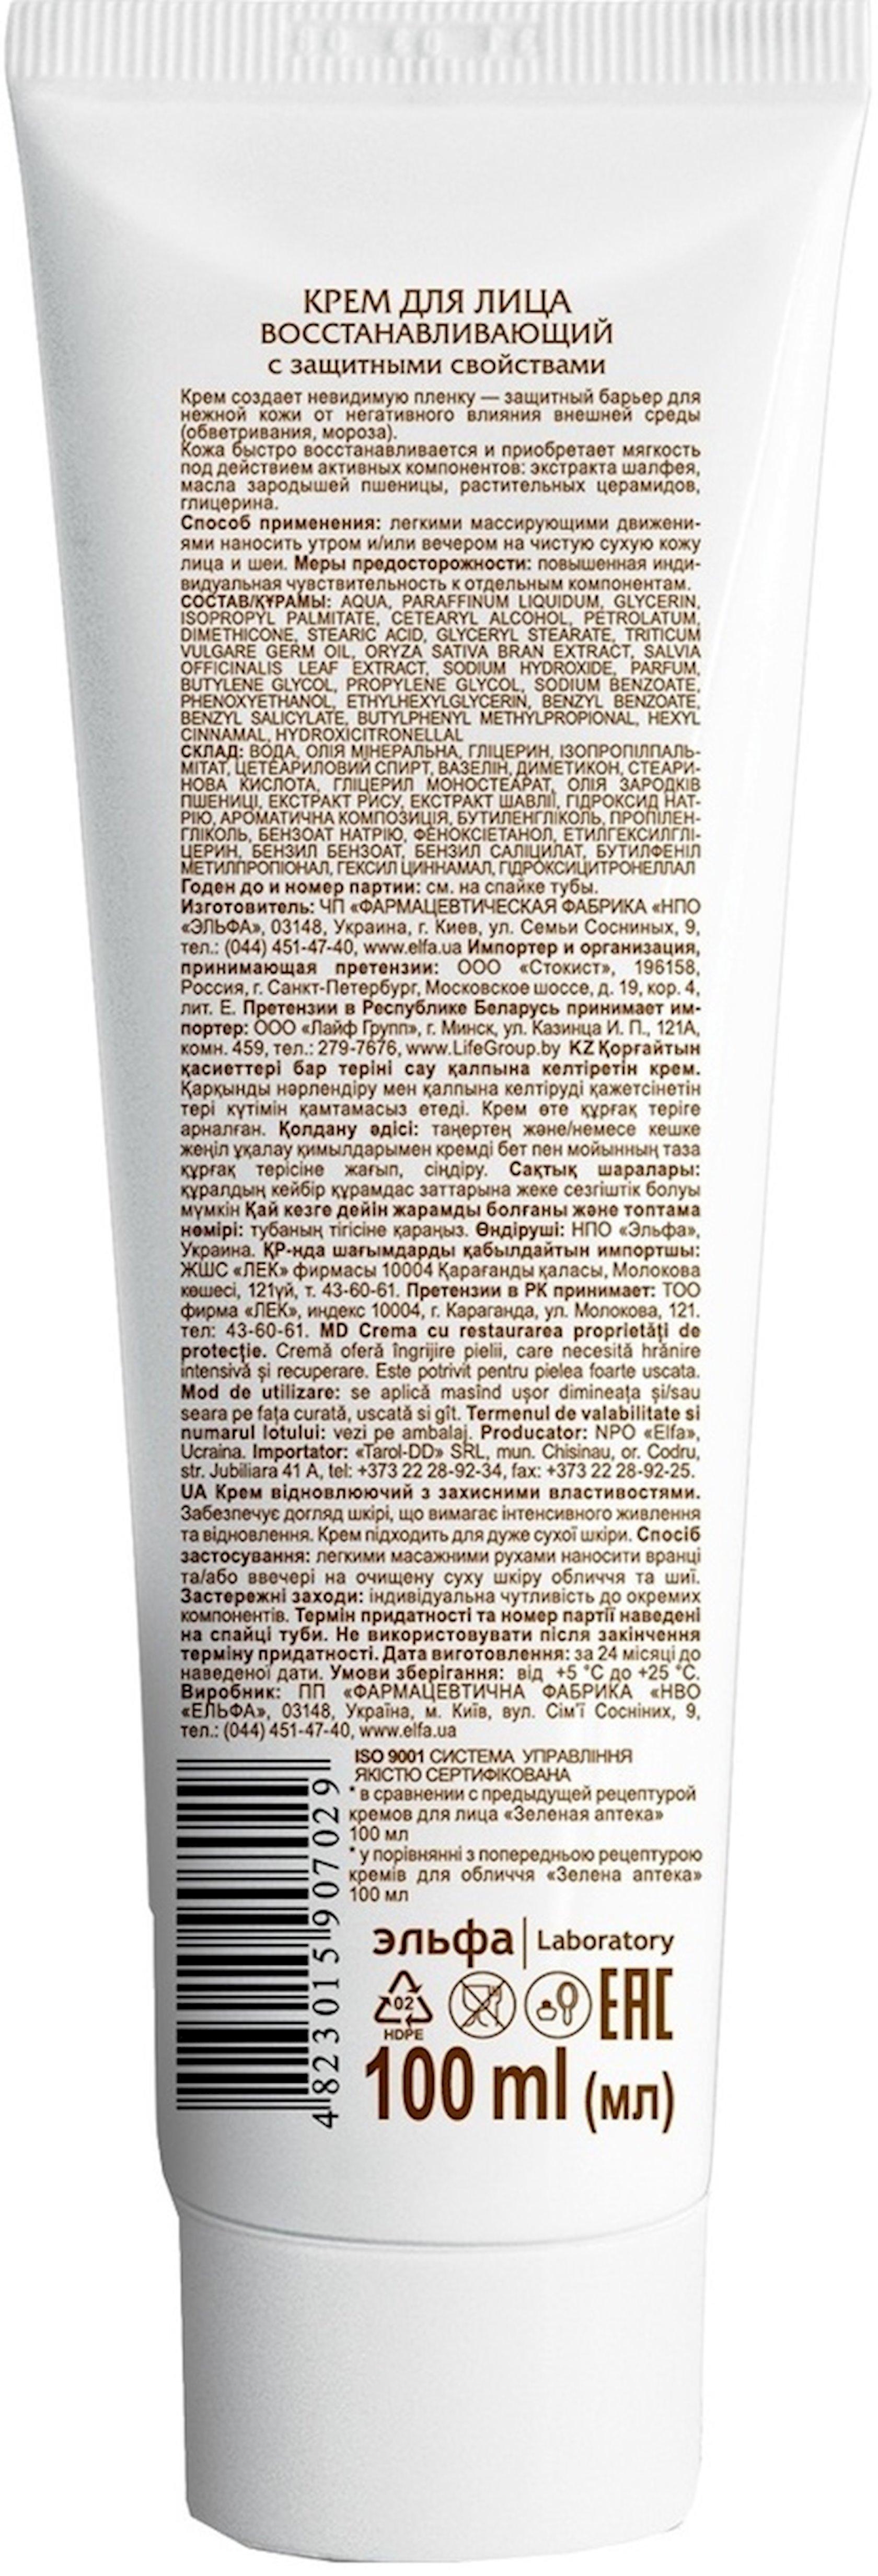 """Üz üçün krem """"Зеленая аптека""""   bərpaedici qoruyucu xüsusiyyətlər ilə 100 ml"""